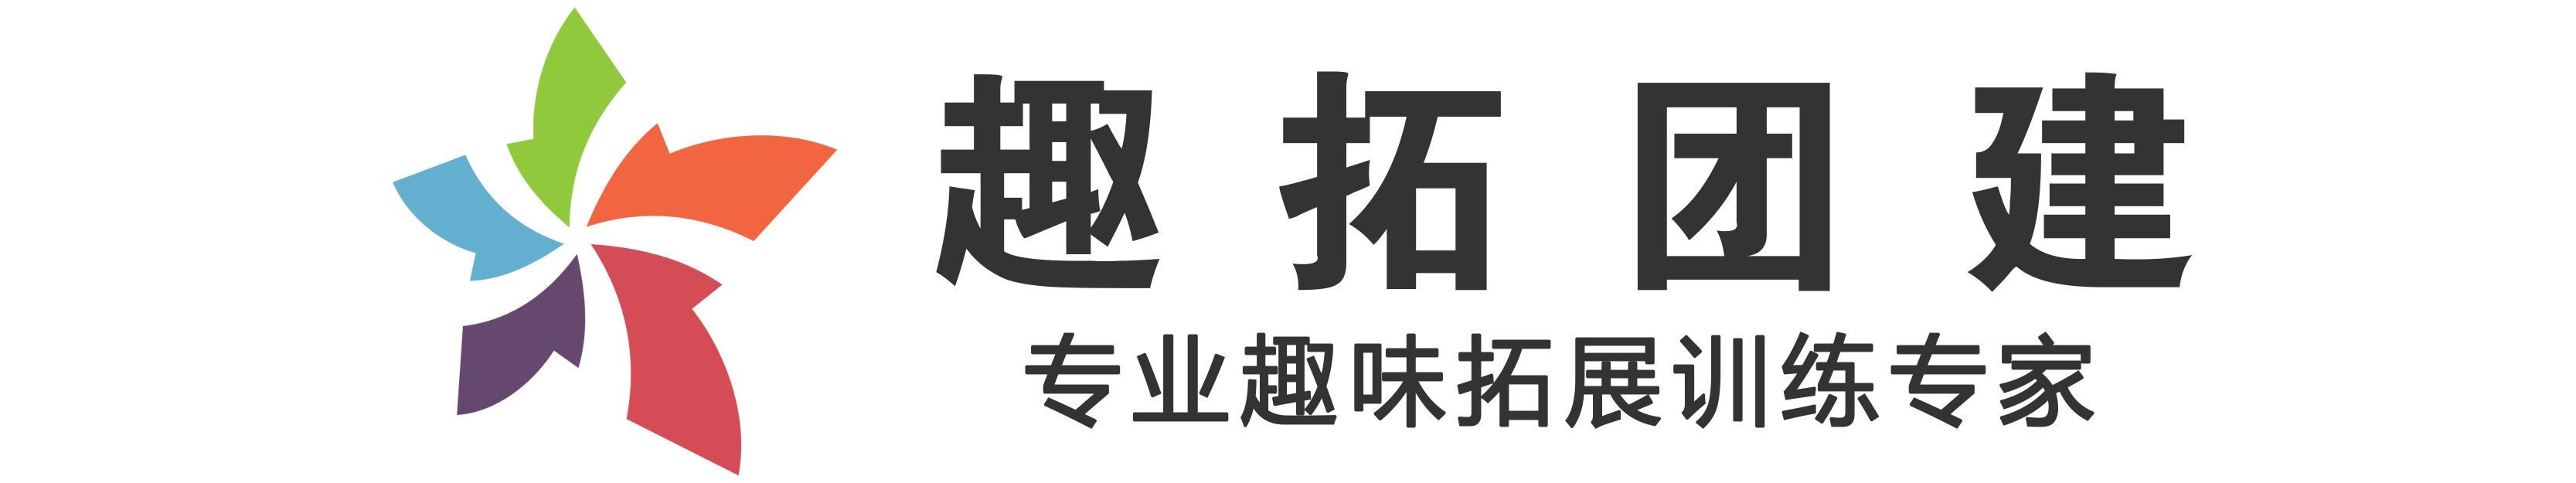 专业东莞户外拓展培训15年